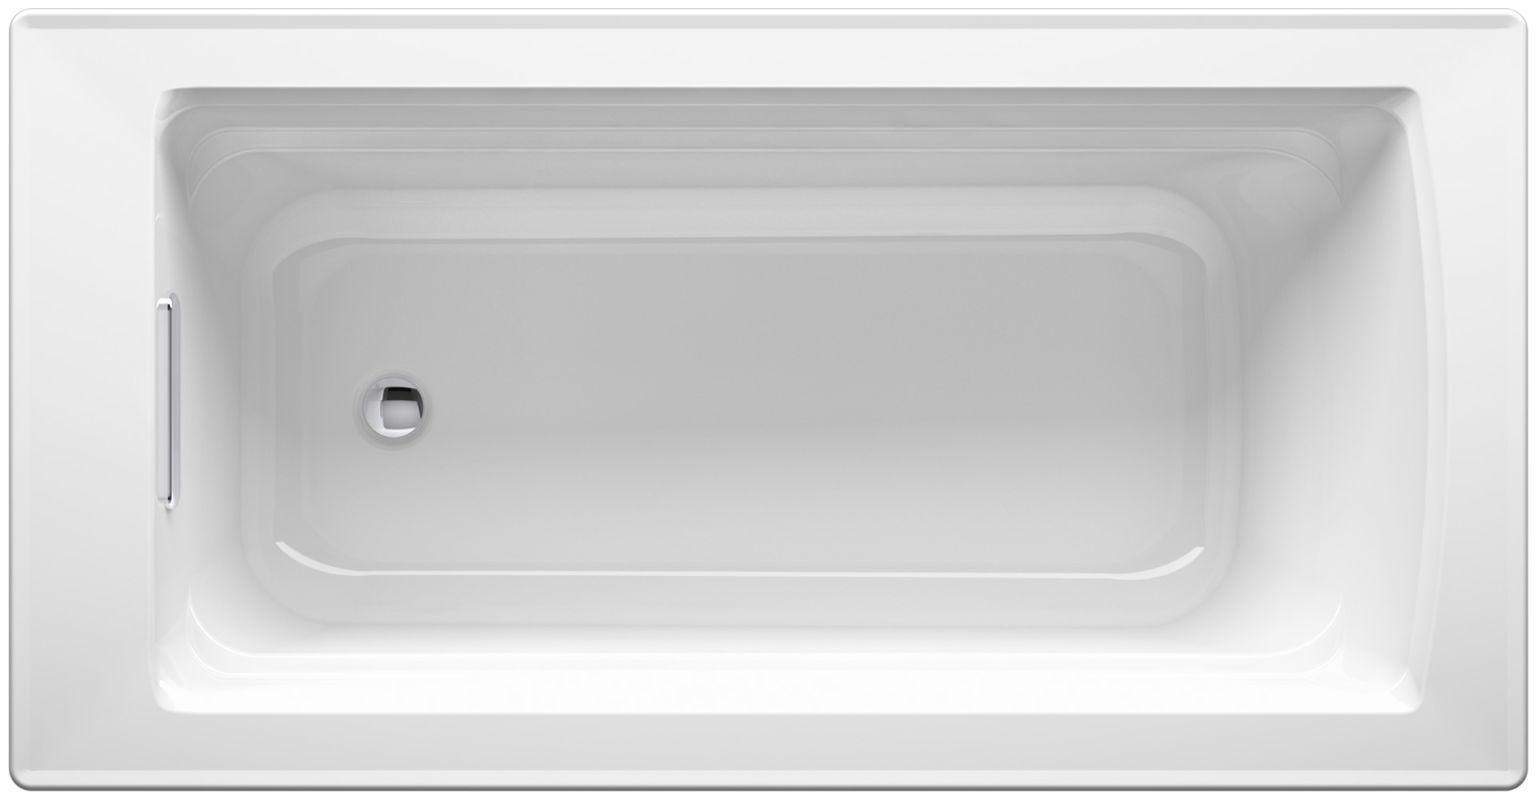 Faucet.com | K-2592-0 in White by Kohler